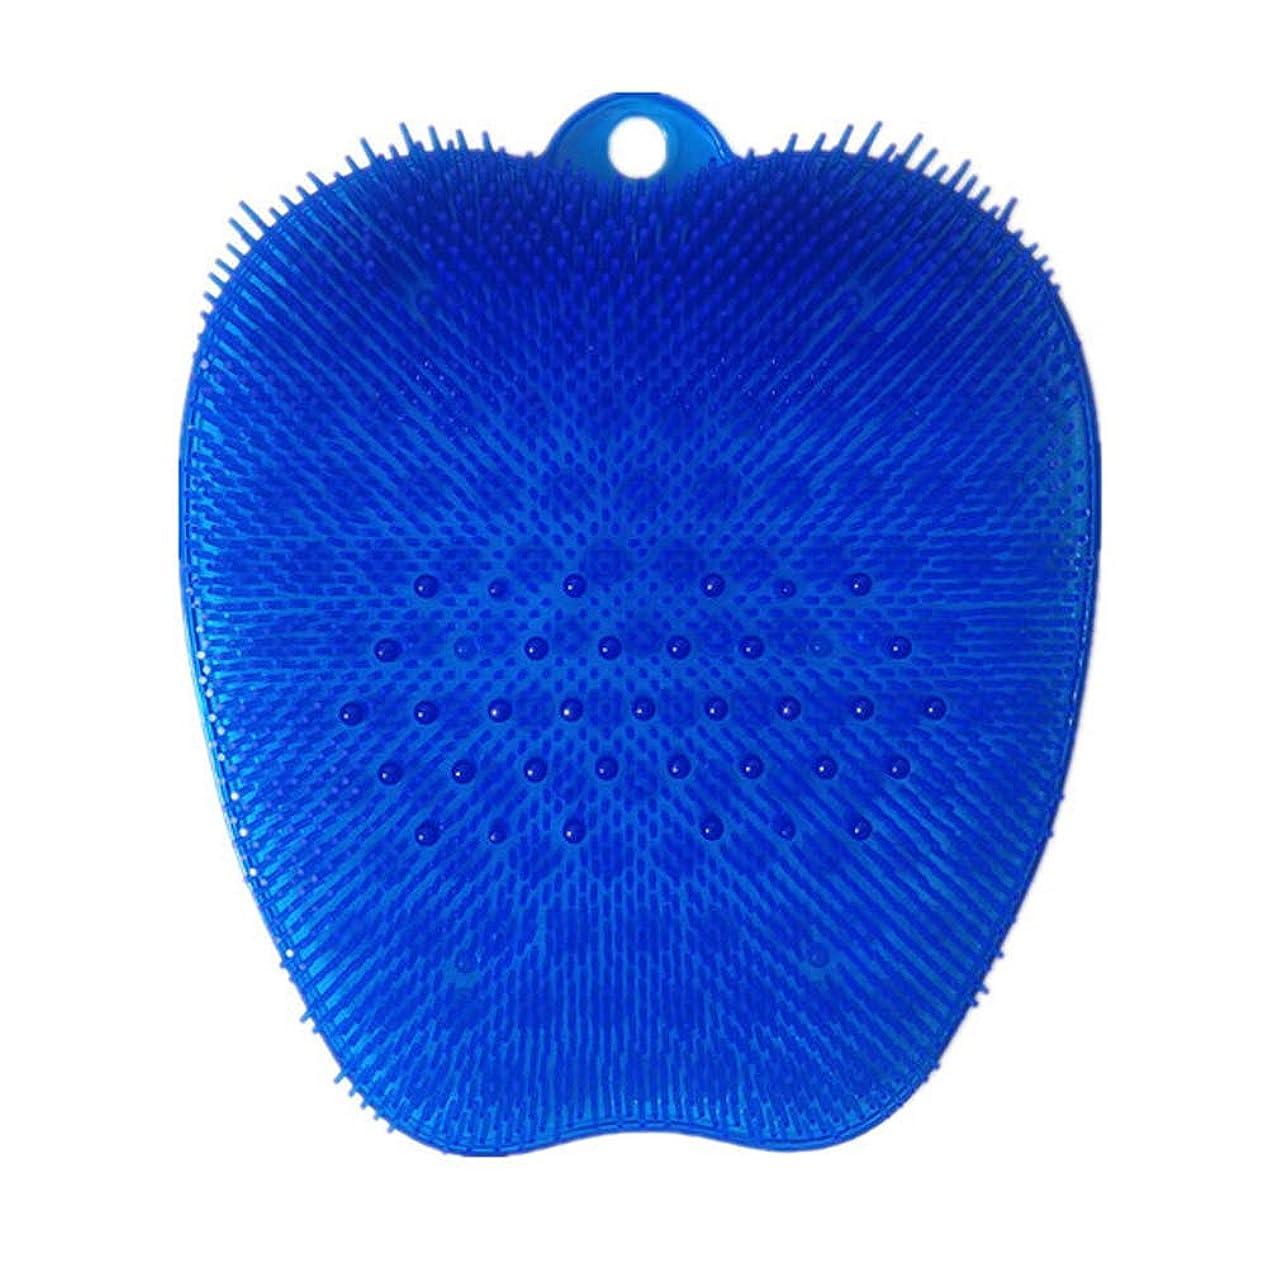 六月メディカル再生可能足洗いブラシ 滑らない吸盤付き ブルー フットケア フットブラシ 角質ケアブラシ お風呂で使える